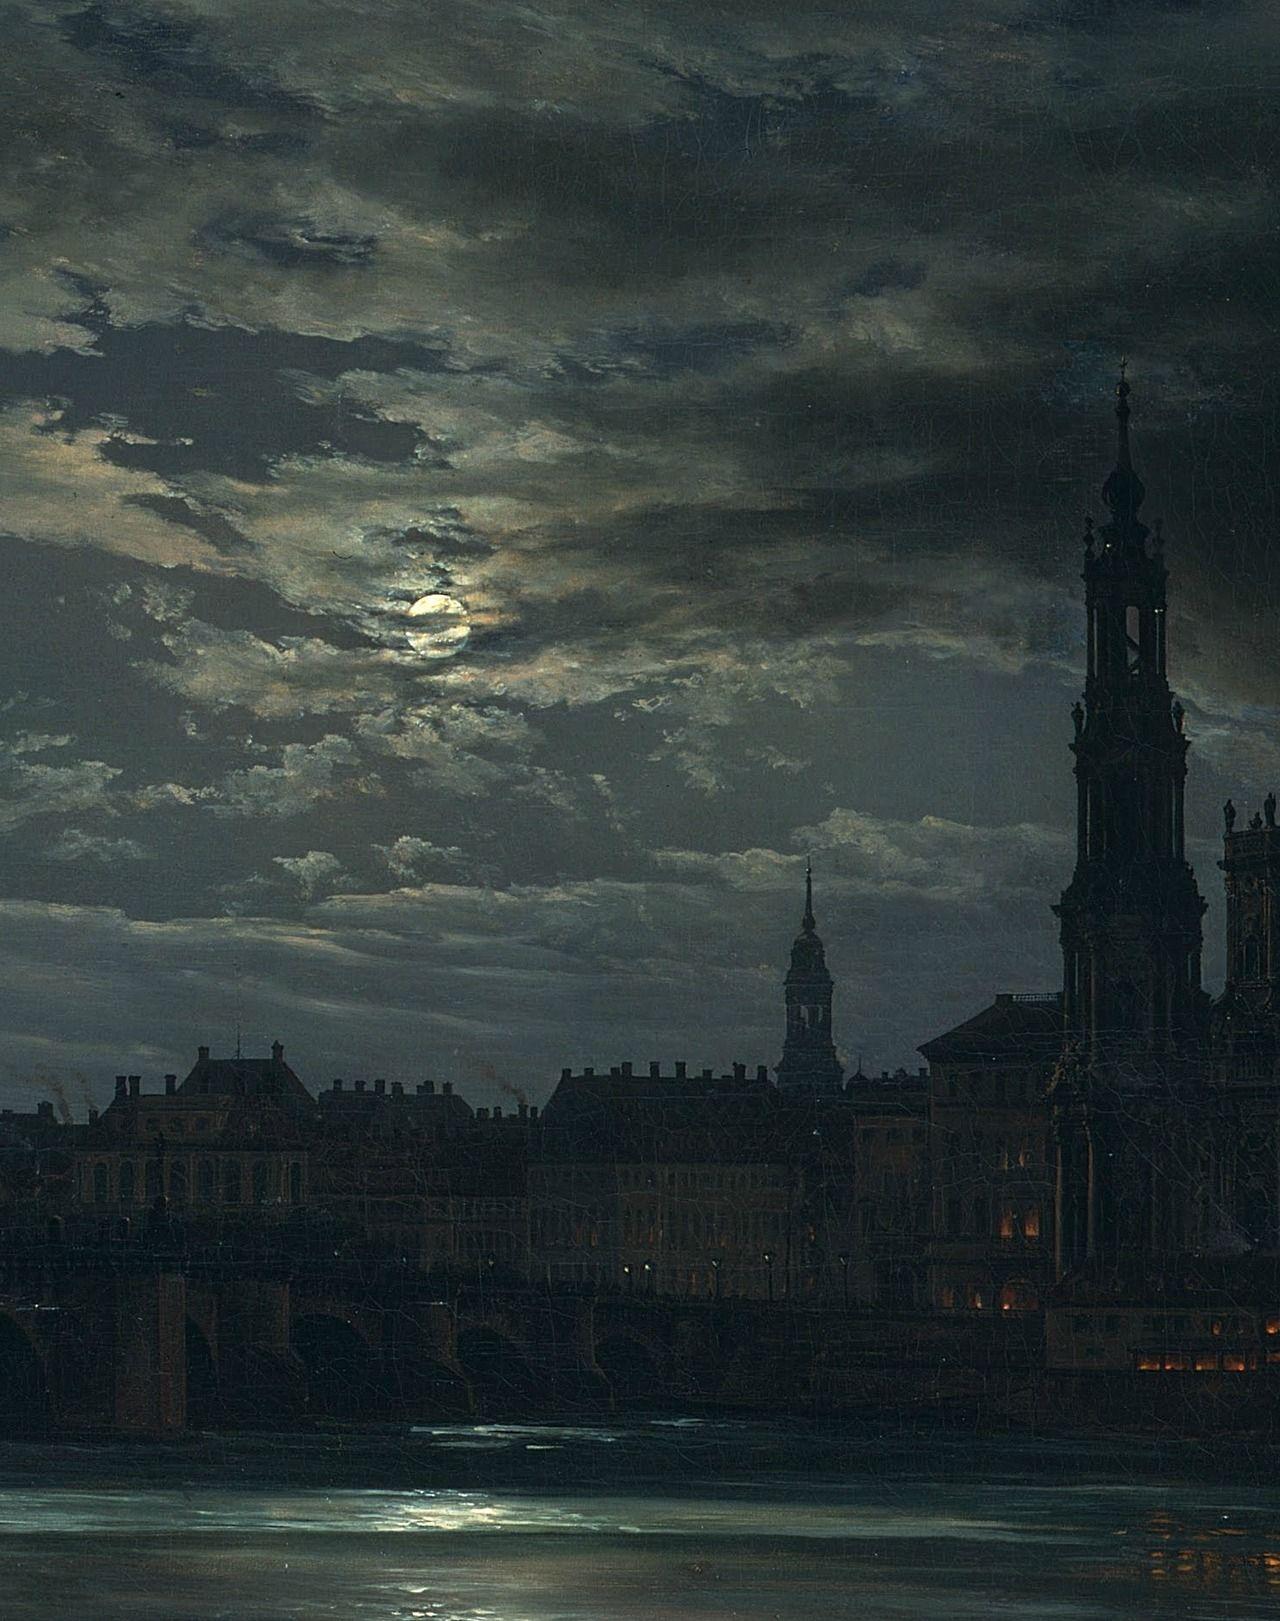 Johan christian dahl view of dresden by moonlight 1839